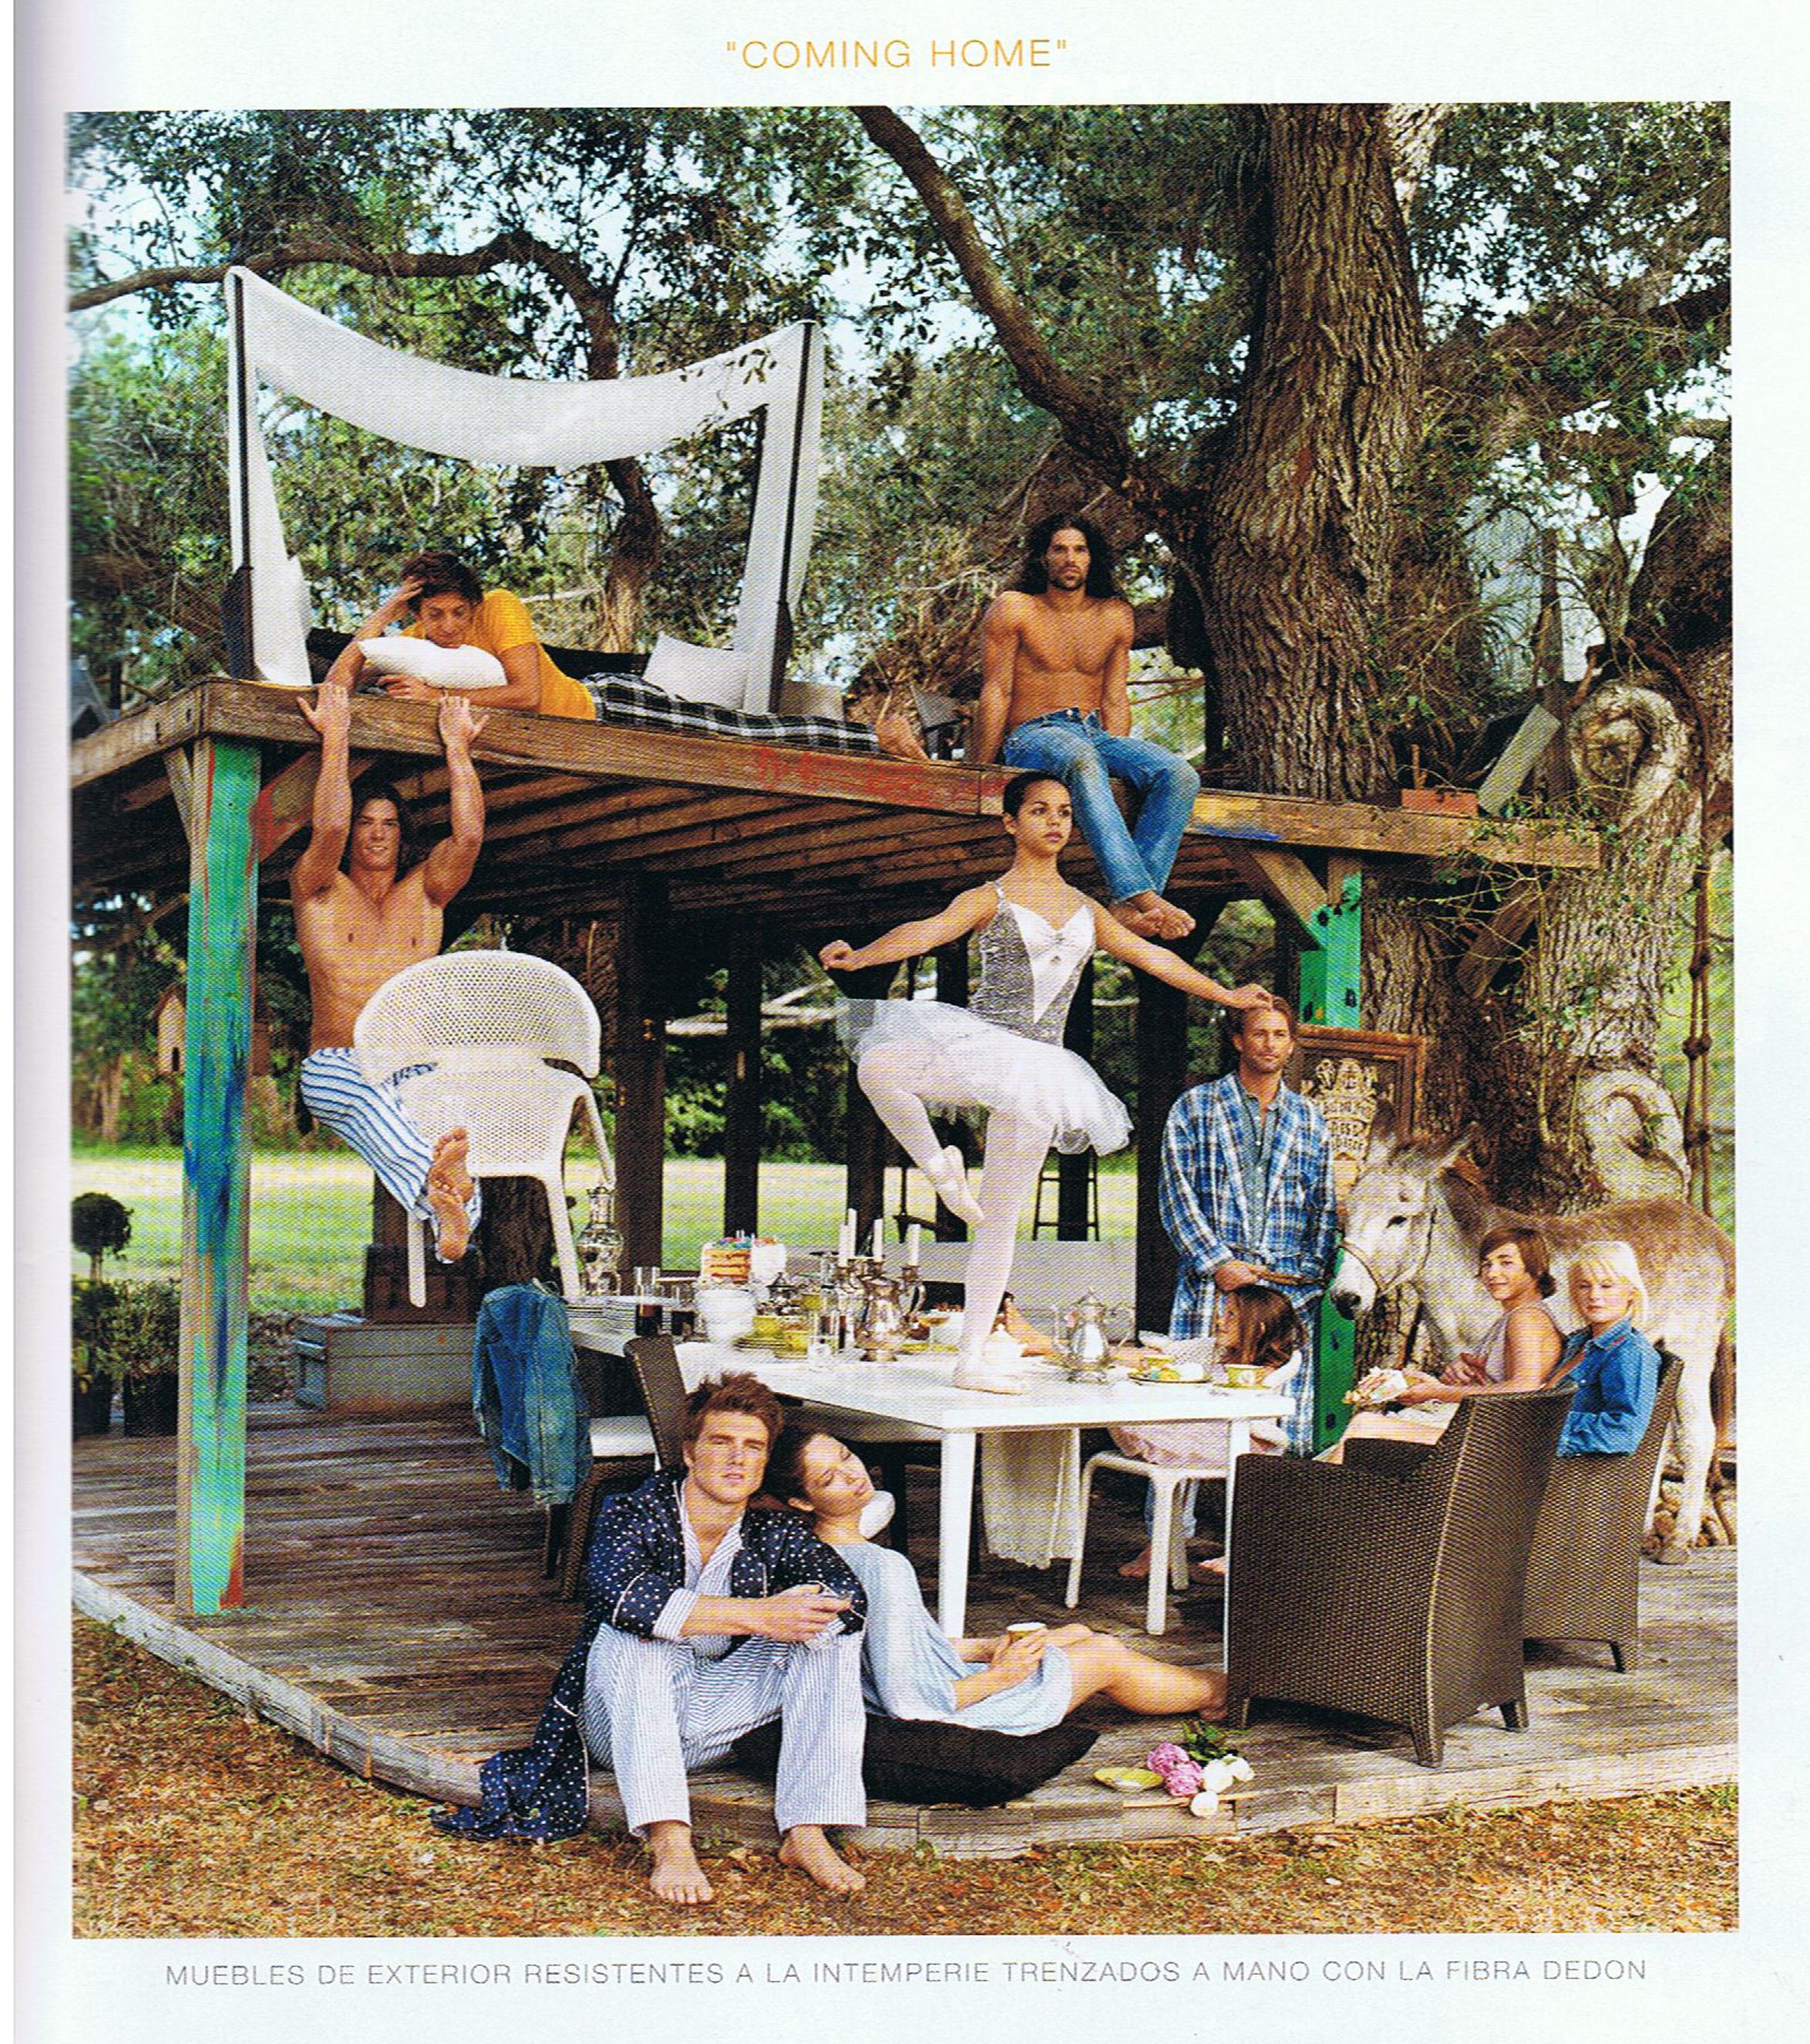 Dedon coming home nataliagustafsonblog for Dedon muebles